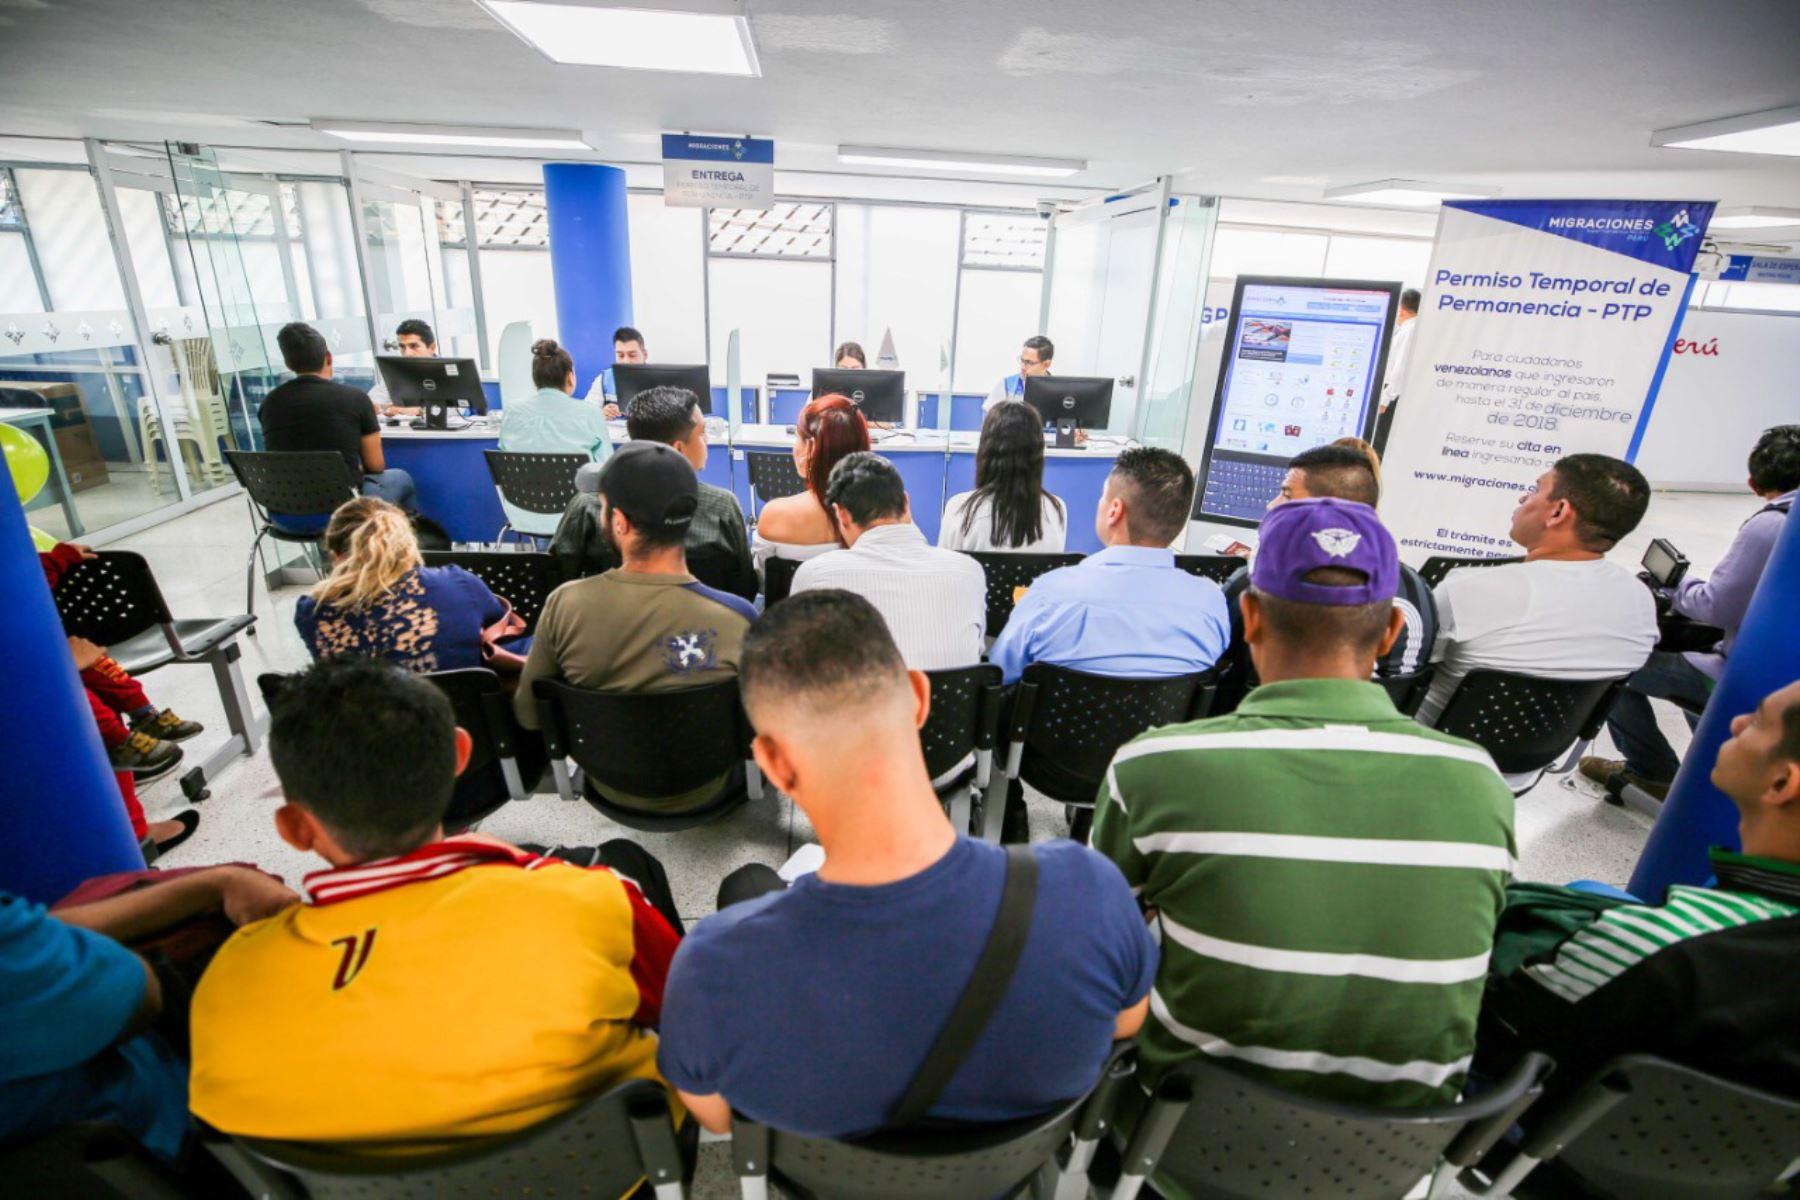 Migraciones: Hay 54,765 venezolanos con trámite PTP pendiente ...